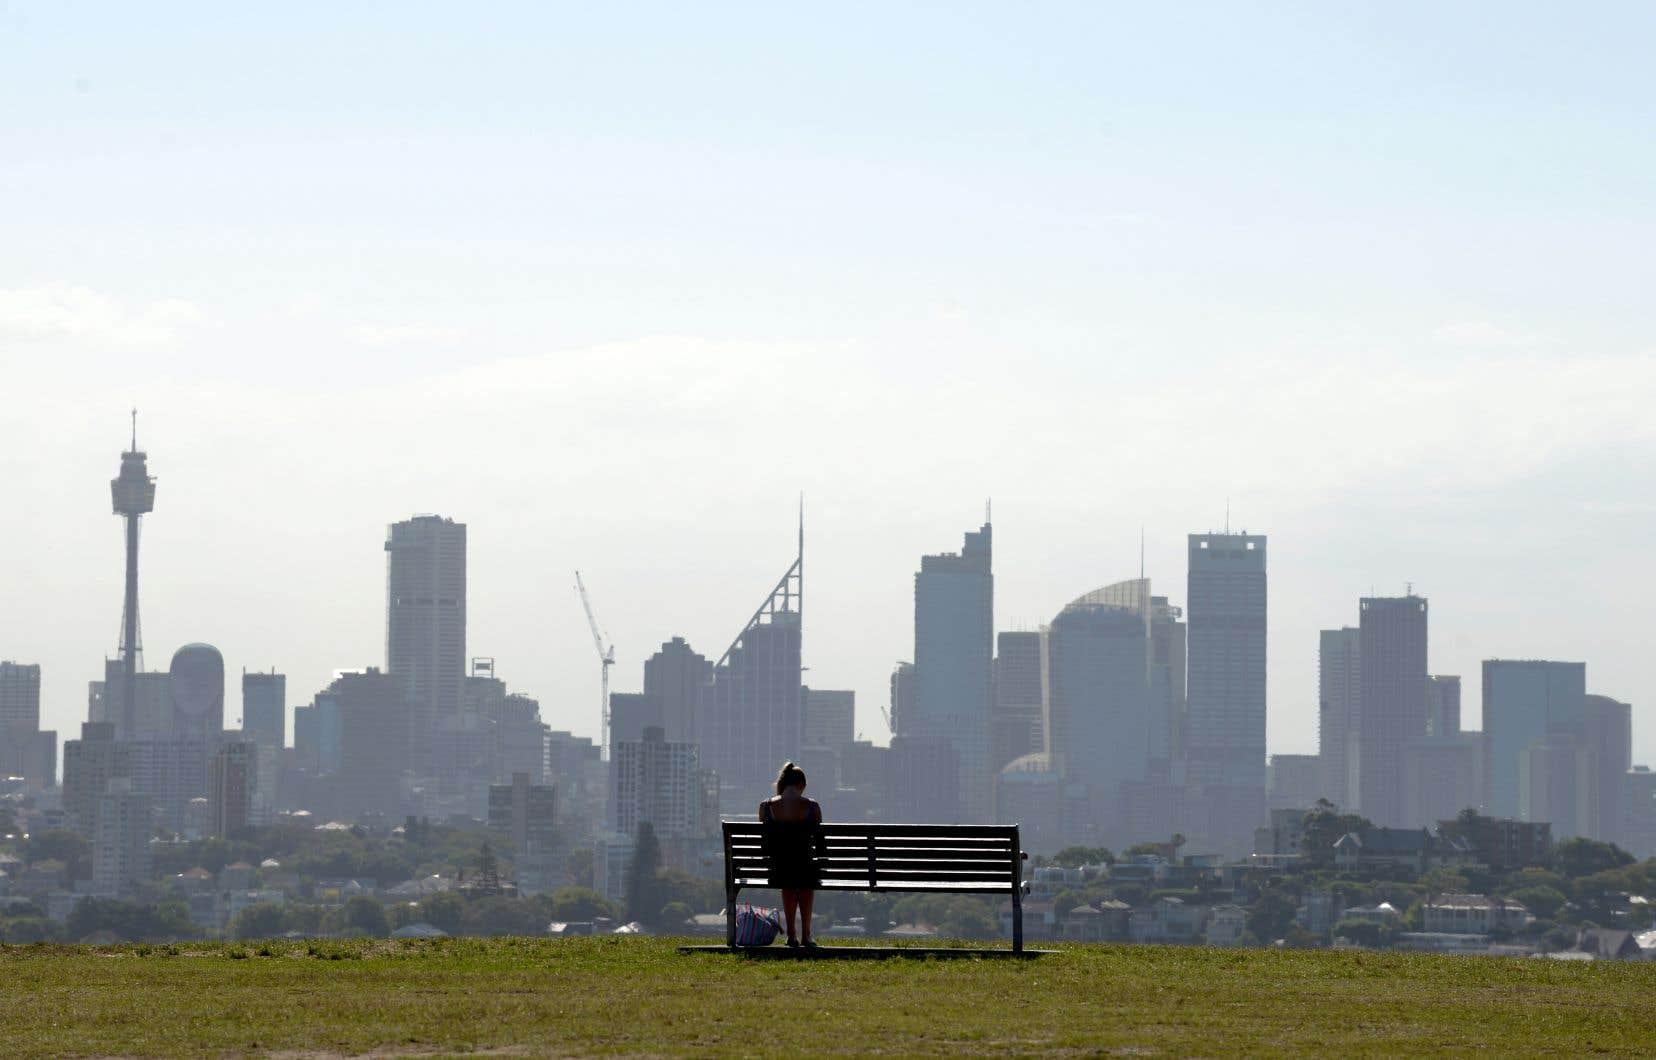 L'Australie vit une période d'expansion économique qui dure depuis 28 ans.